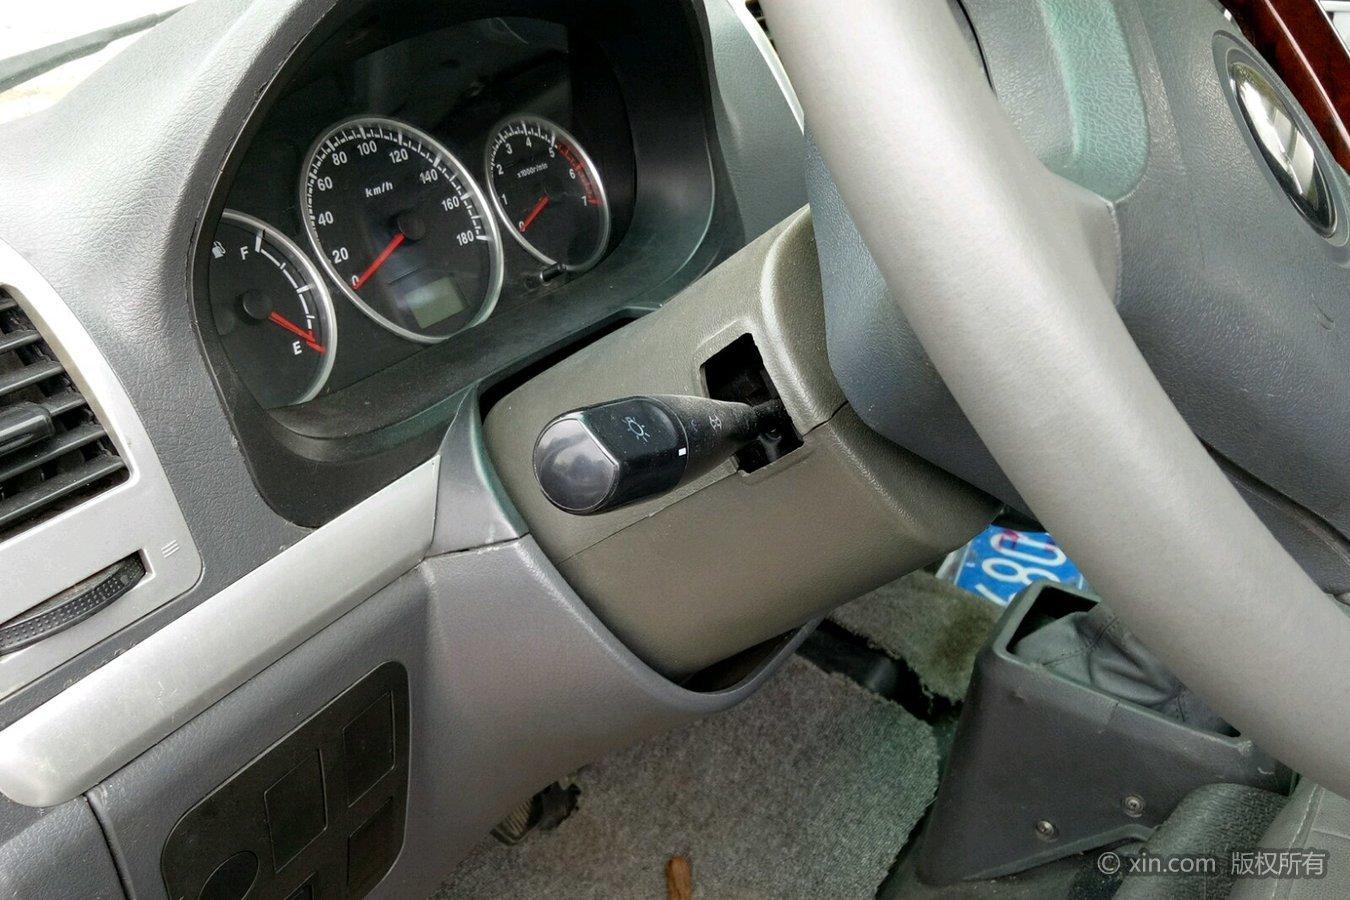 福田 风景爱尔法 2009款 2.5t 手动 快运 柴油全价3.80万